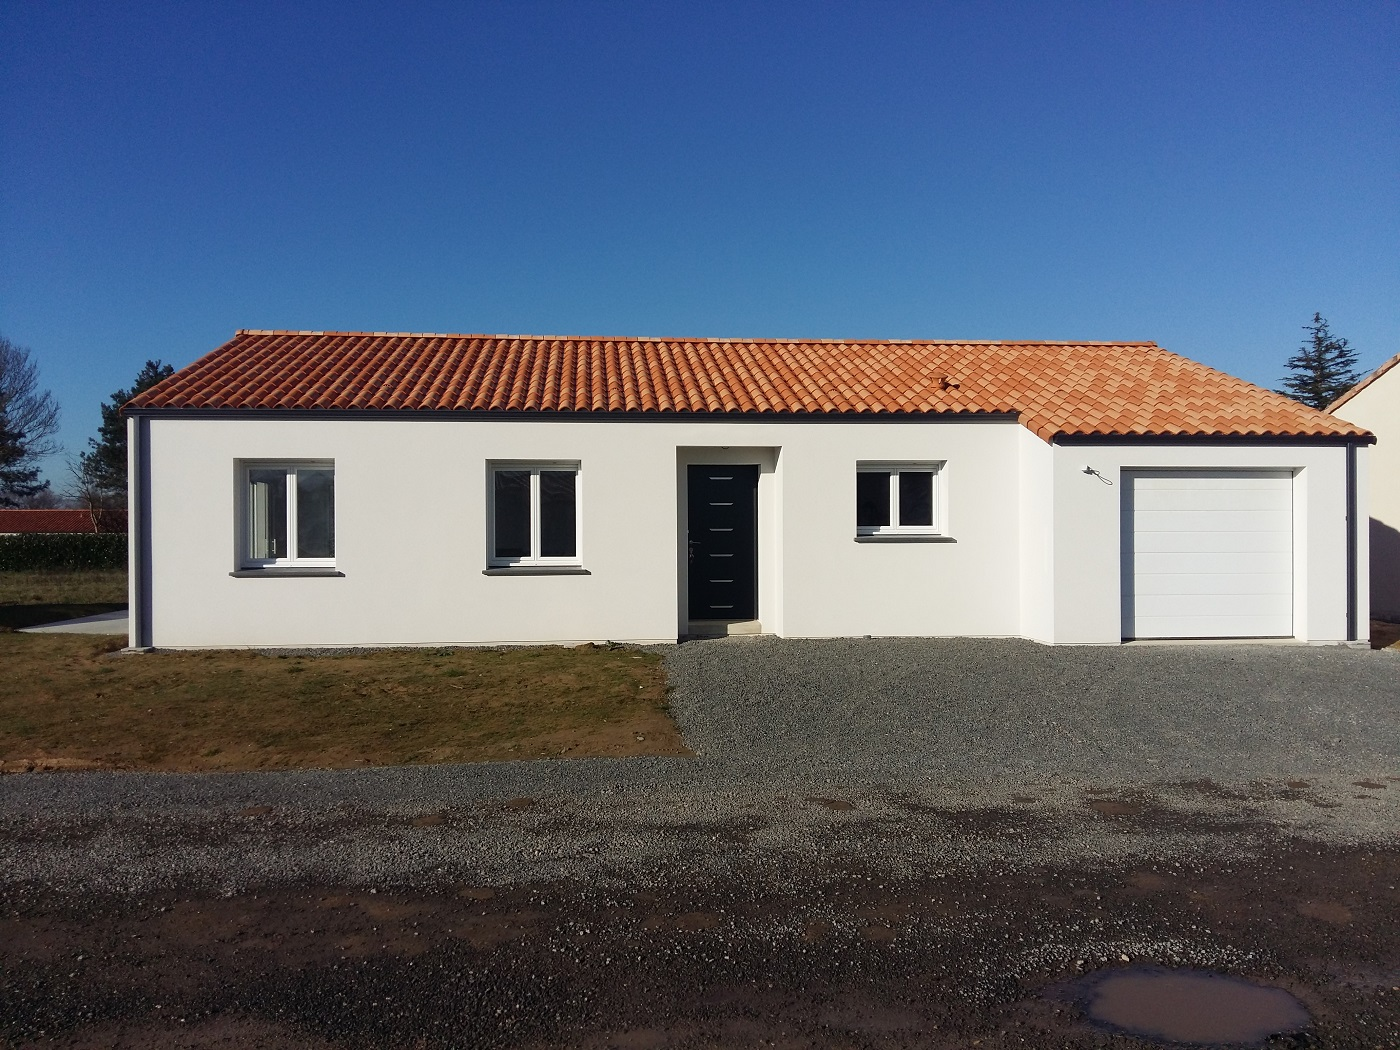 Cerbat olivier voisin construction d une maison individuelle vair for Entreprise construction maison individuelle